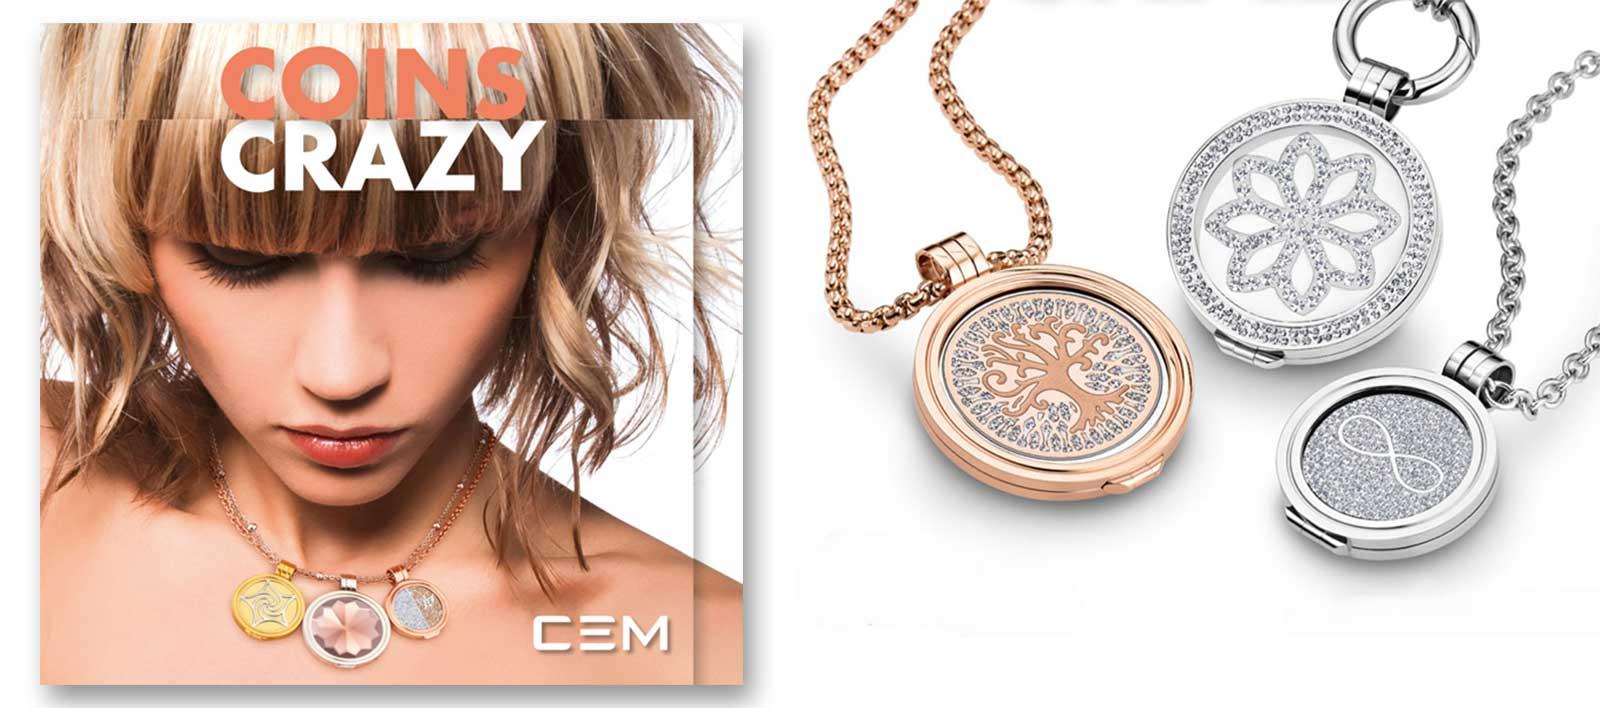 Coins-Schmuck CEM Coins und Ketten